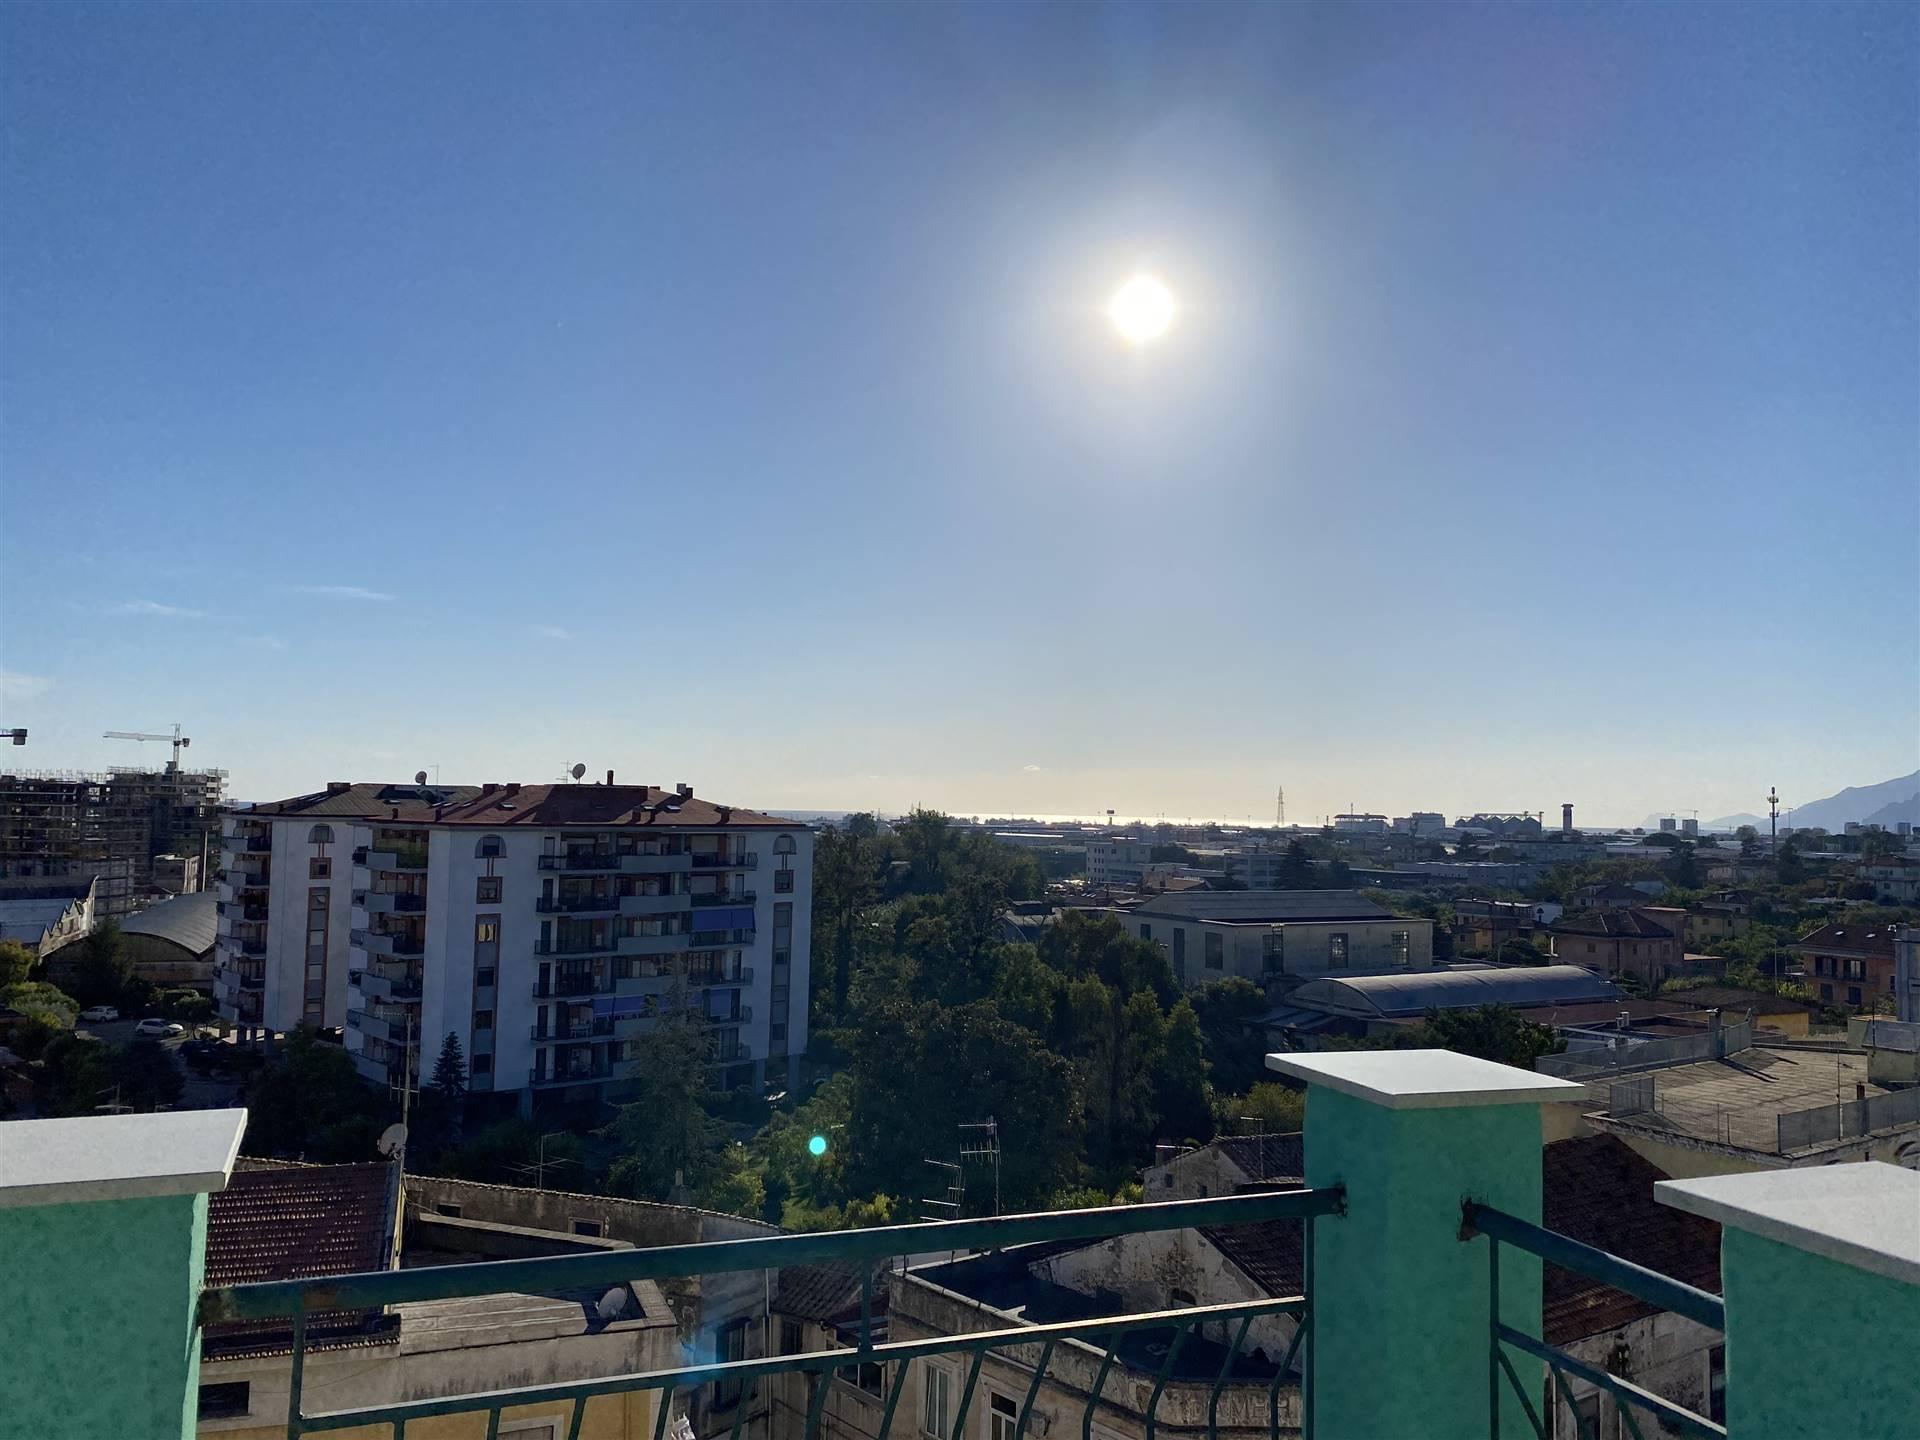 Appartamento in vendita a Pontecagnano Faiano, 4 locali, zona ecagnano, prezzo € 150.000 | PortaleAgenzieImmobiliari.it